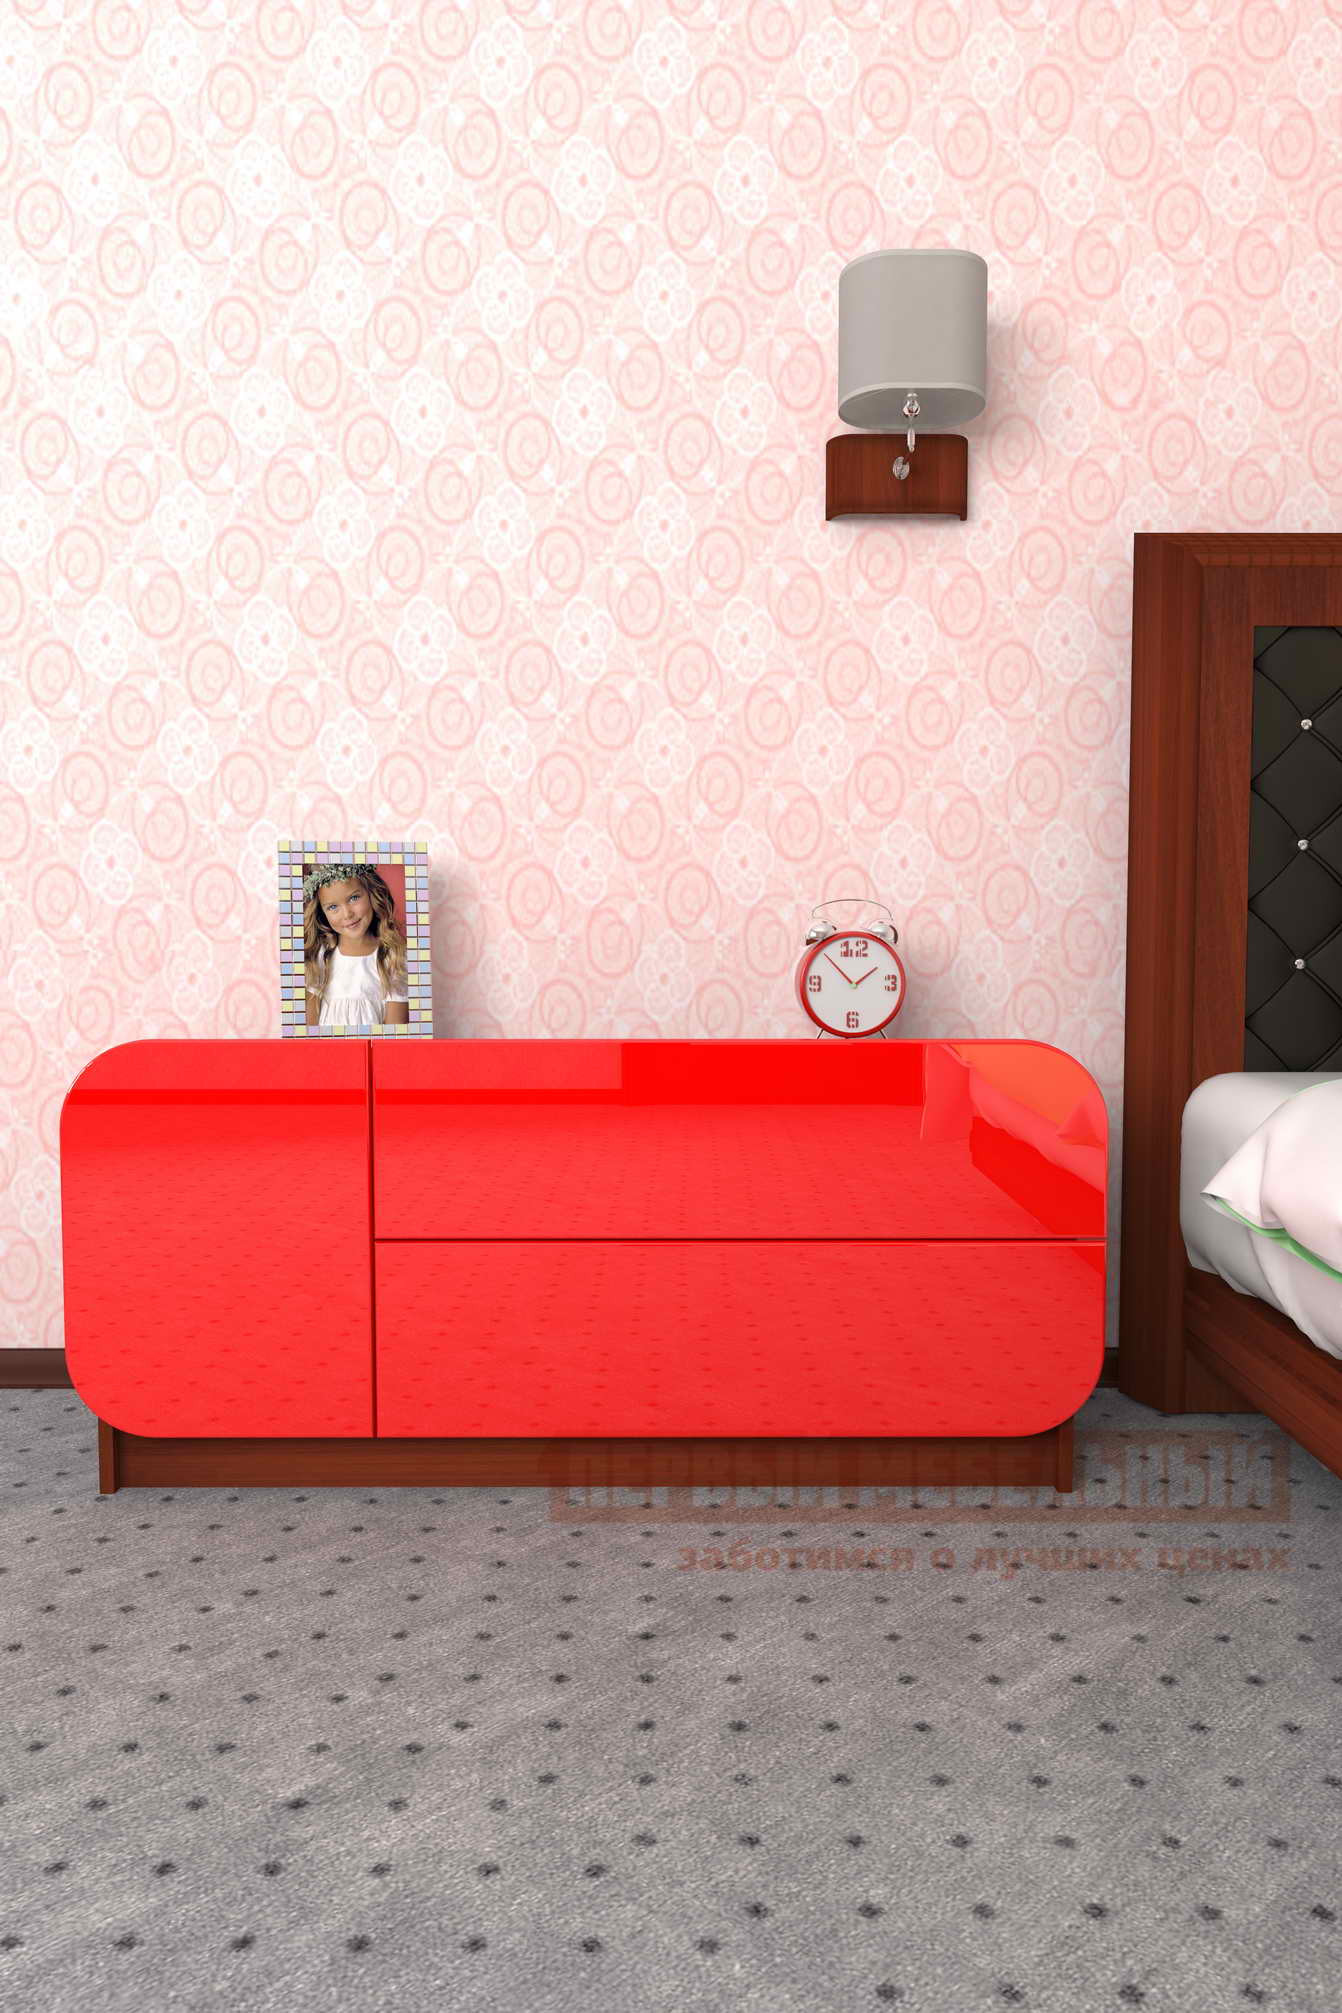 Комод Мебелеф Комод «Мебелеф-27» Итальянский орех, Красный глянец 2951, Левый от Купистол